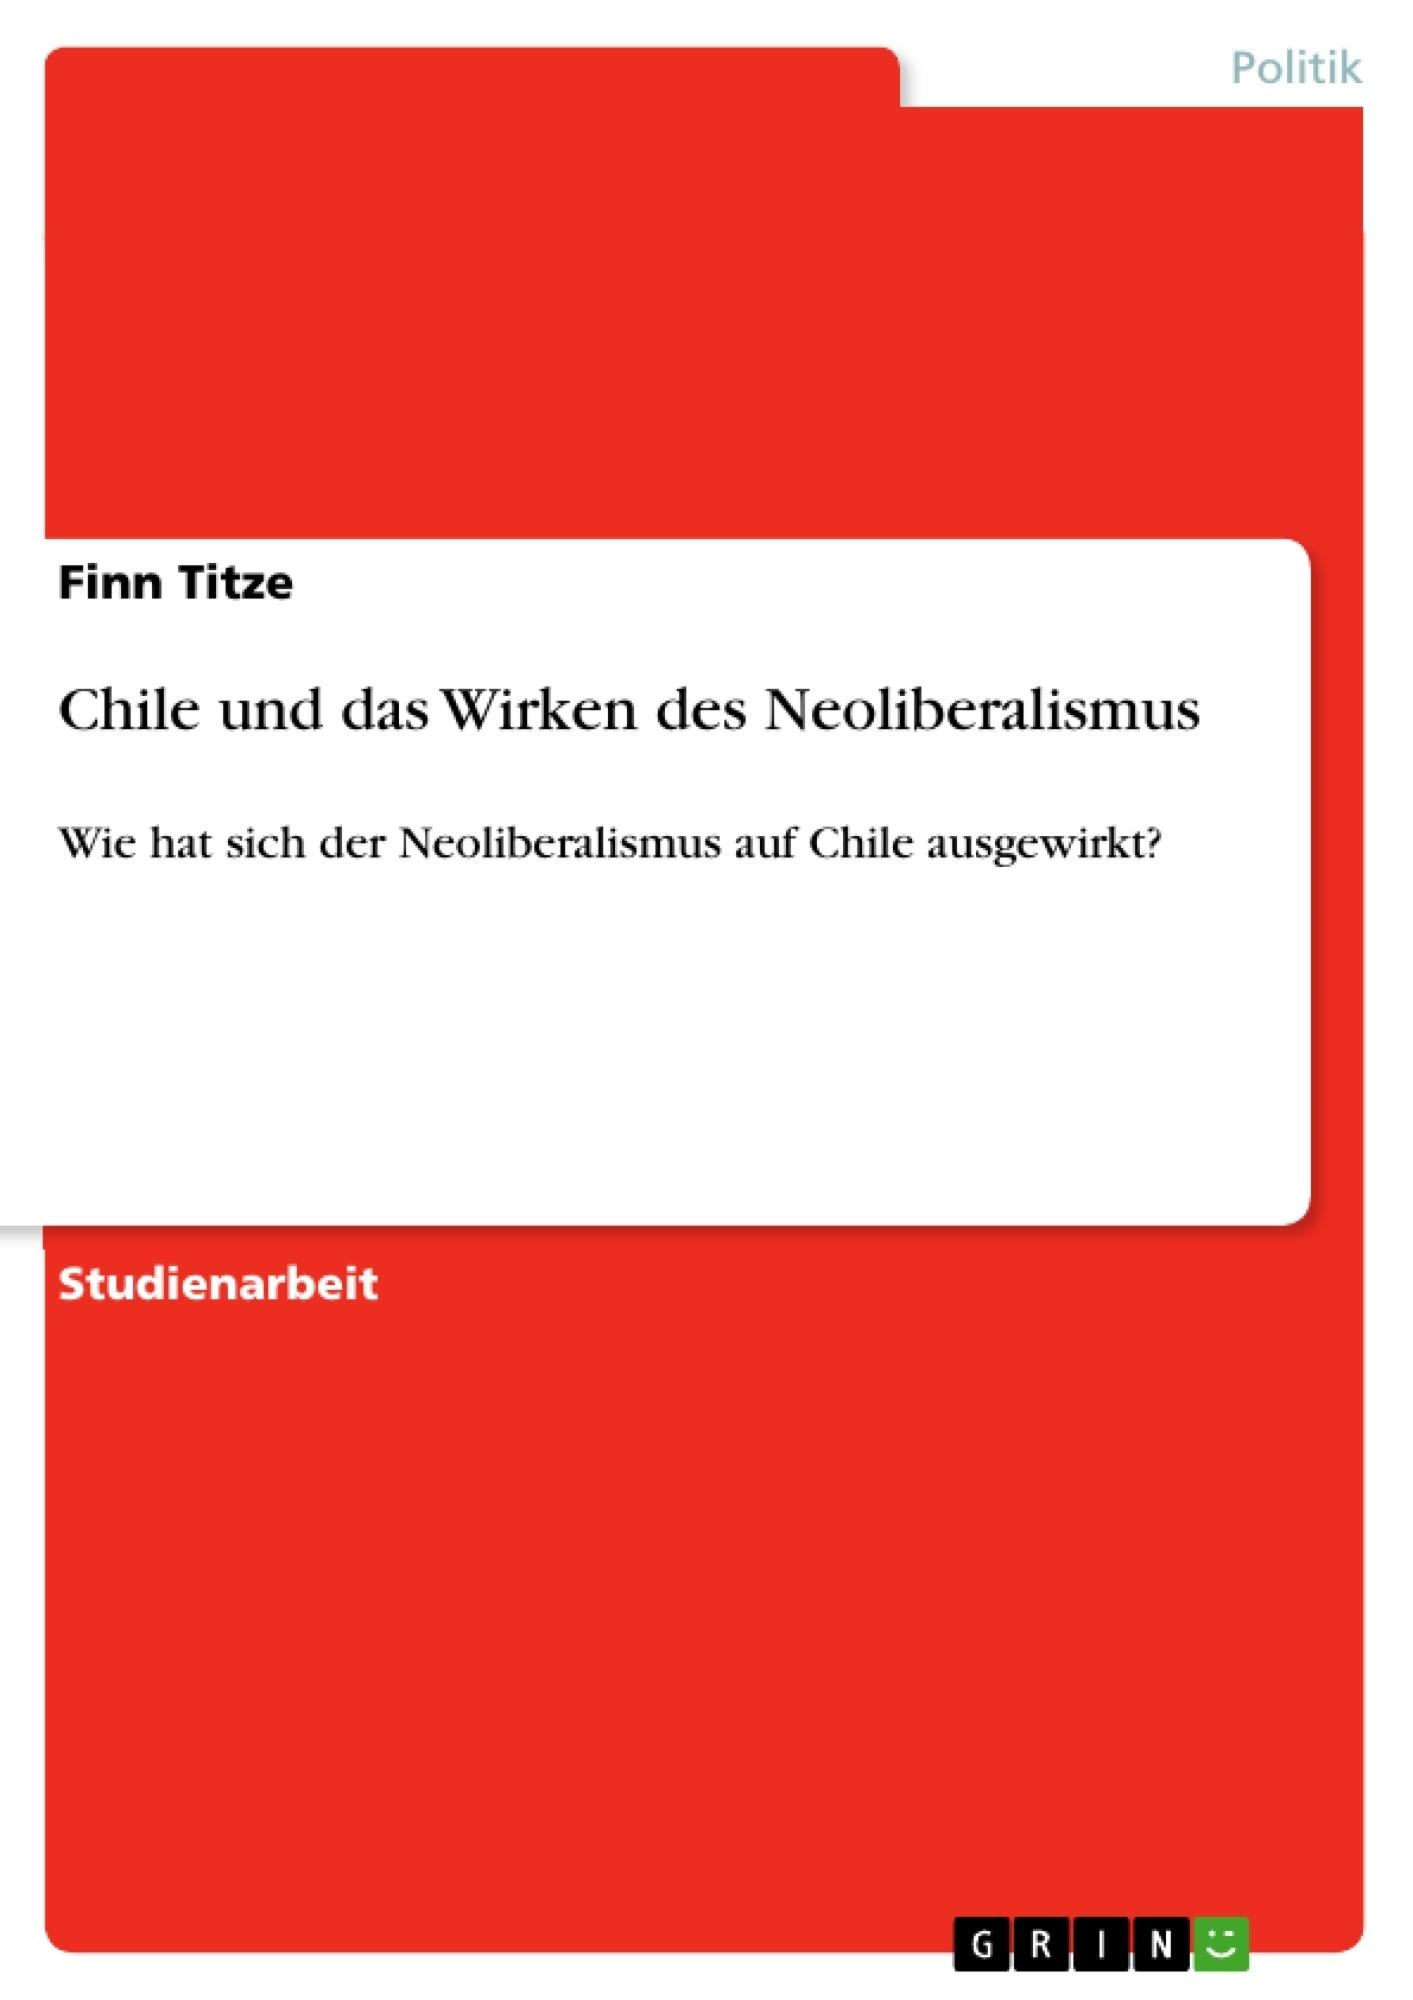 Titel: Chile und das Wirken des Neoliberalismus